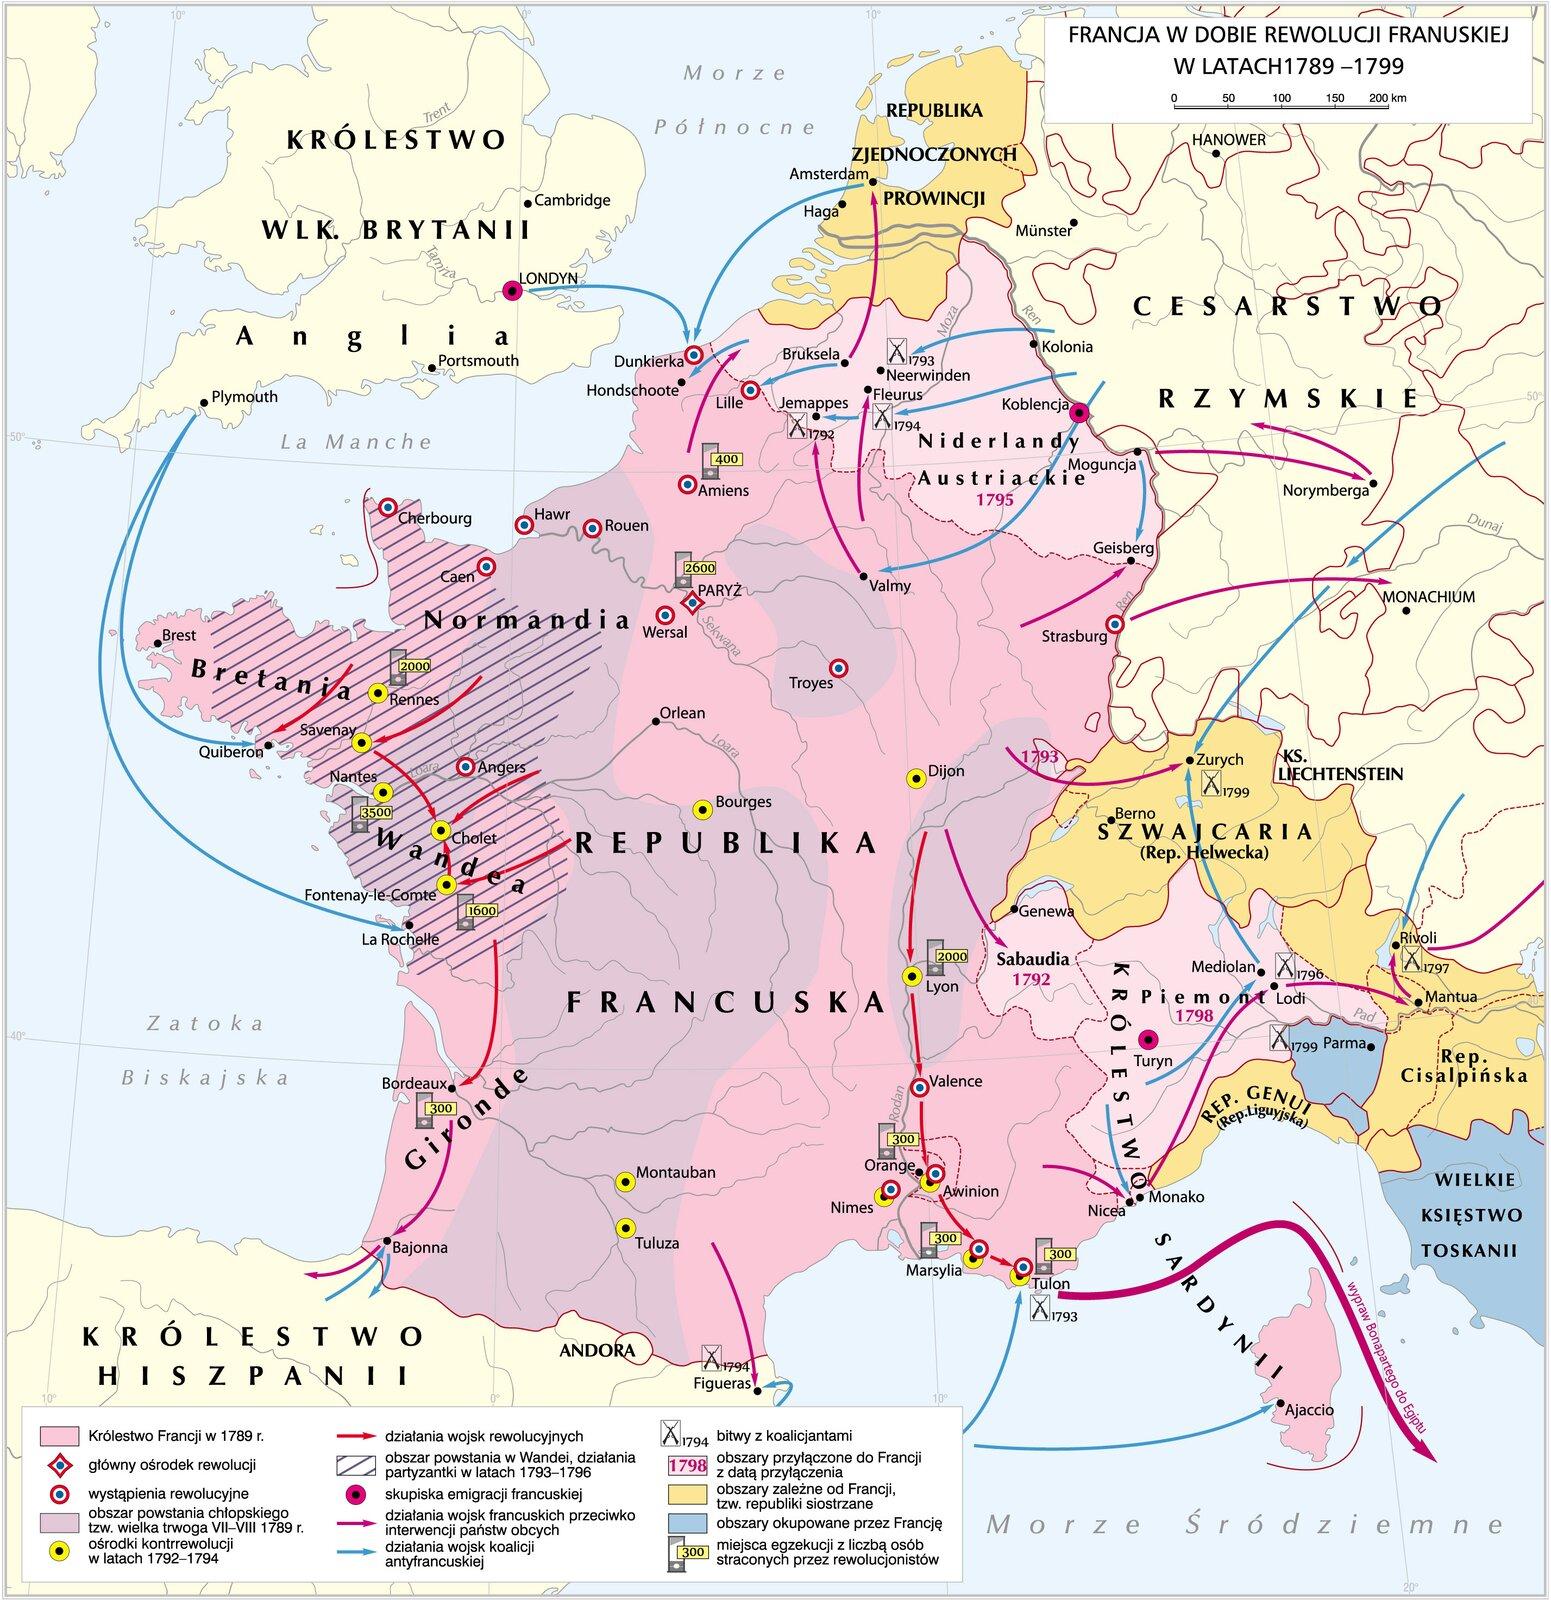 Obywatele I Kaci Francja W Dobie Rewolucji Epodreczniki Pl